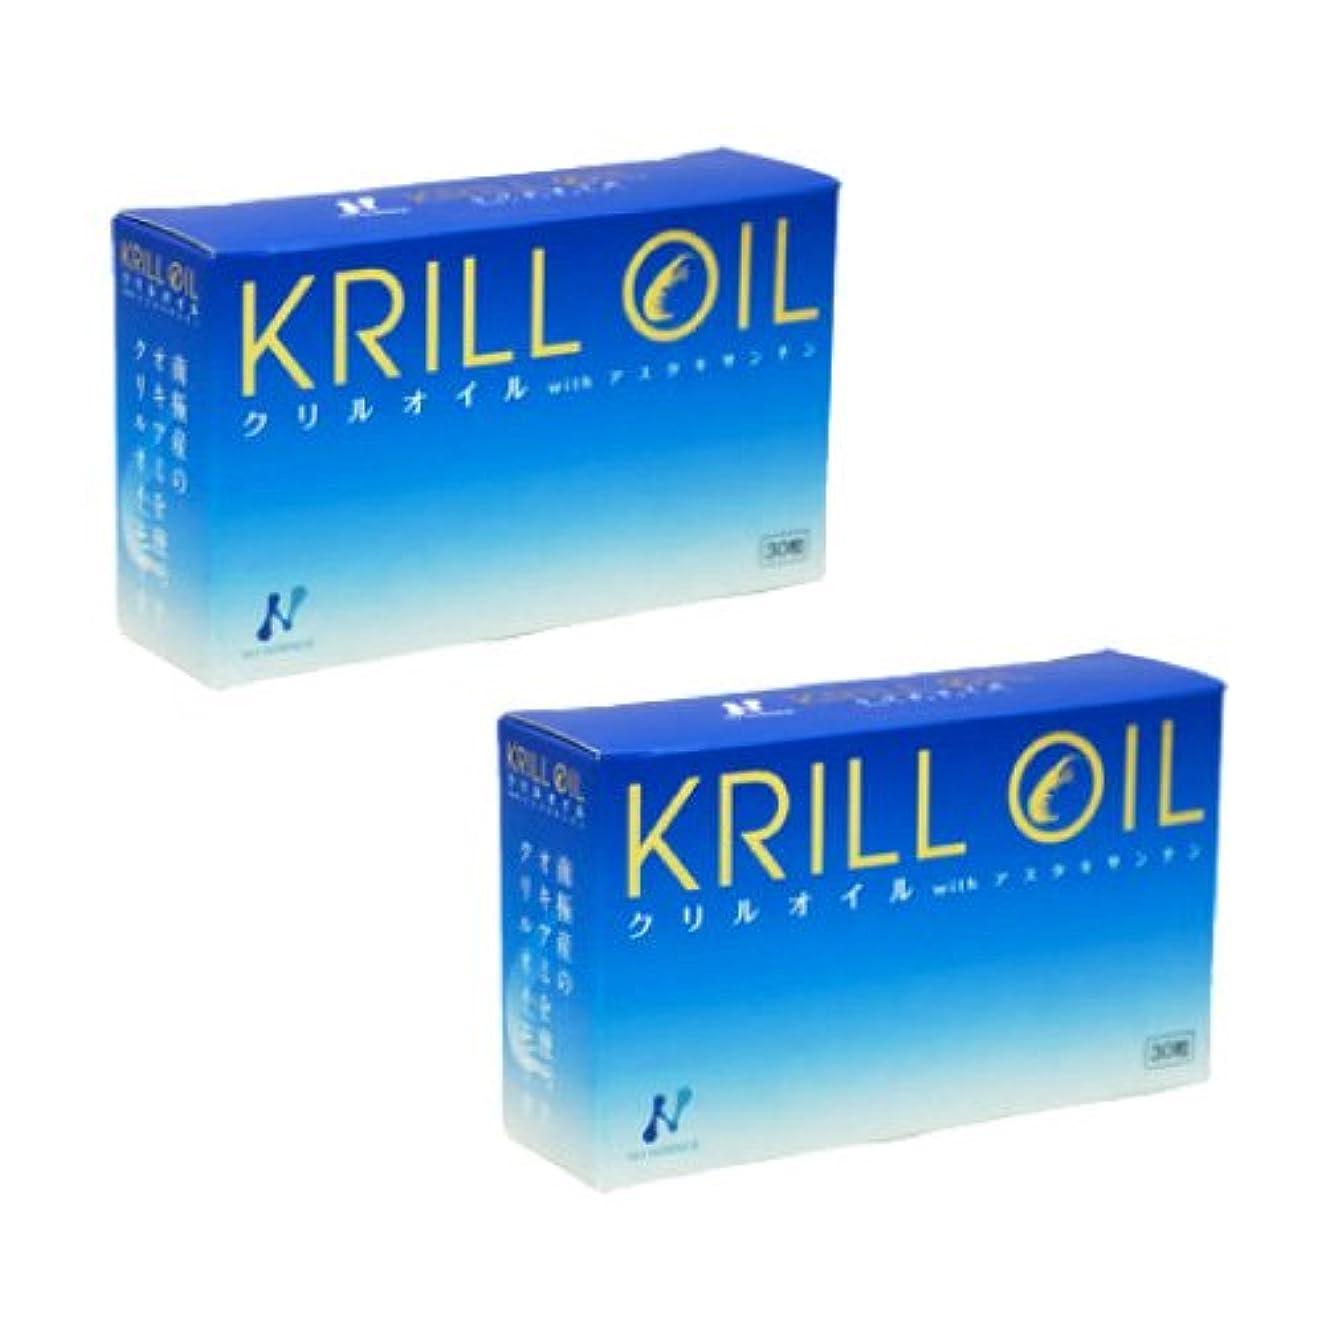 エンジニアリング頭痛アナニバーニューサイエンス クリルオイル (770mg×30粒) × 2箱セット